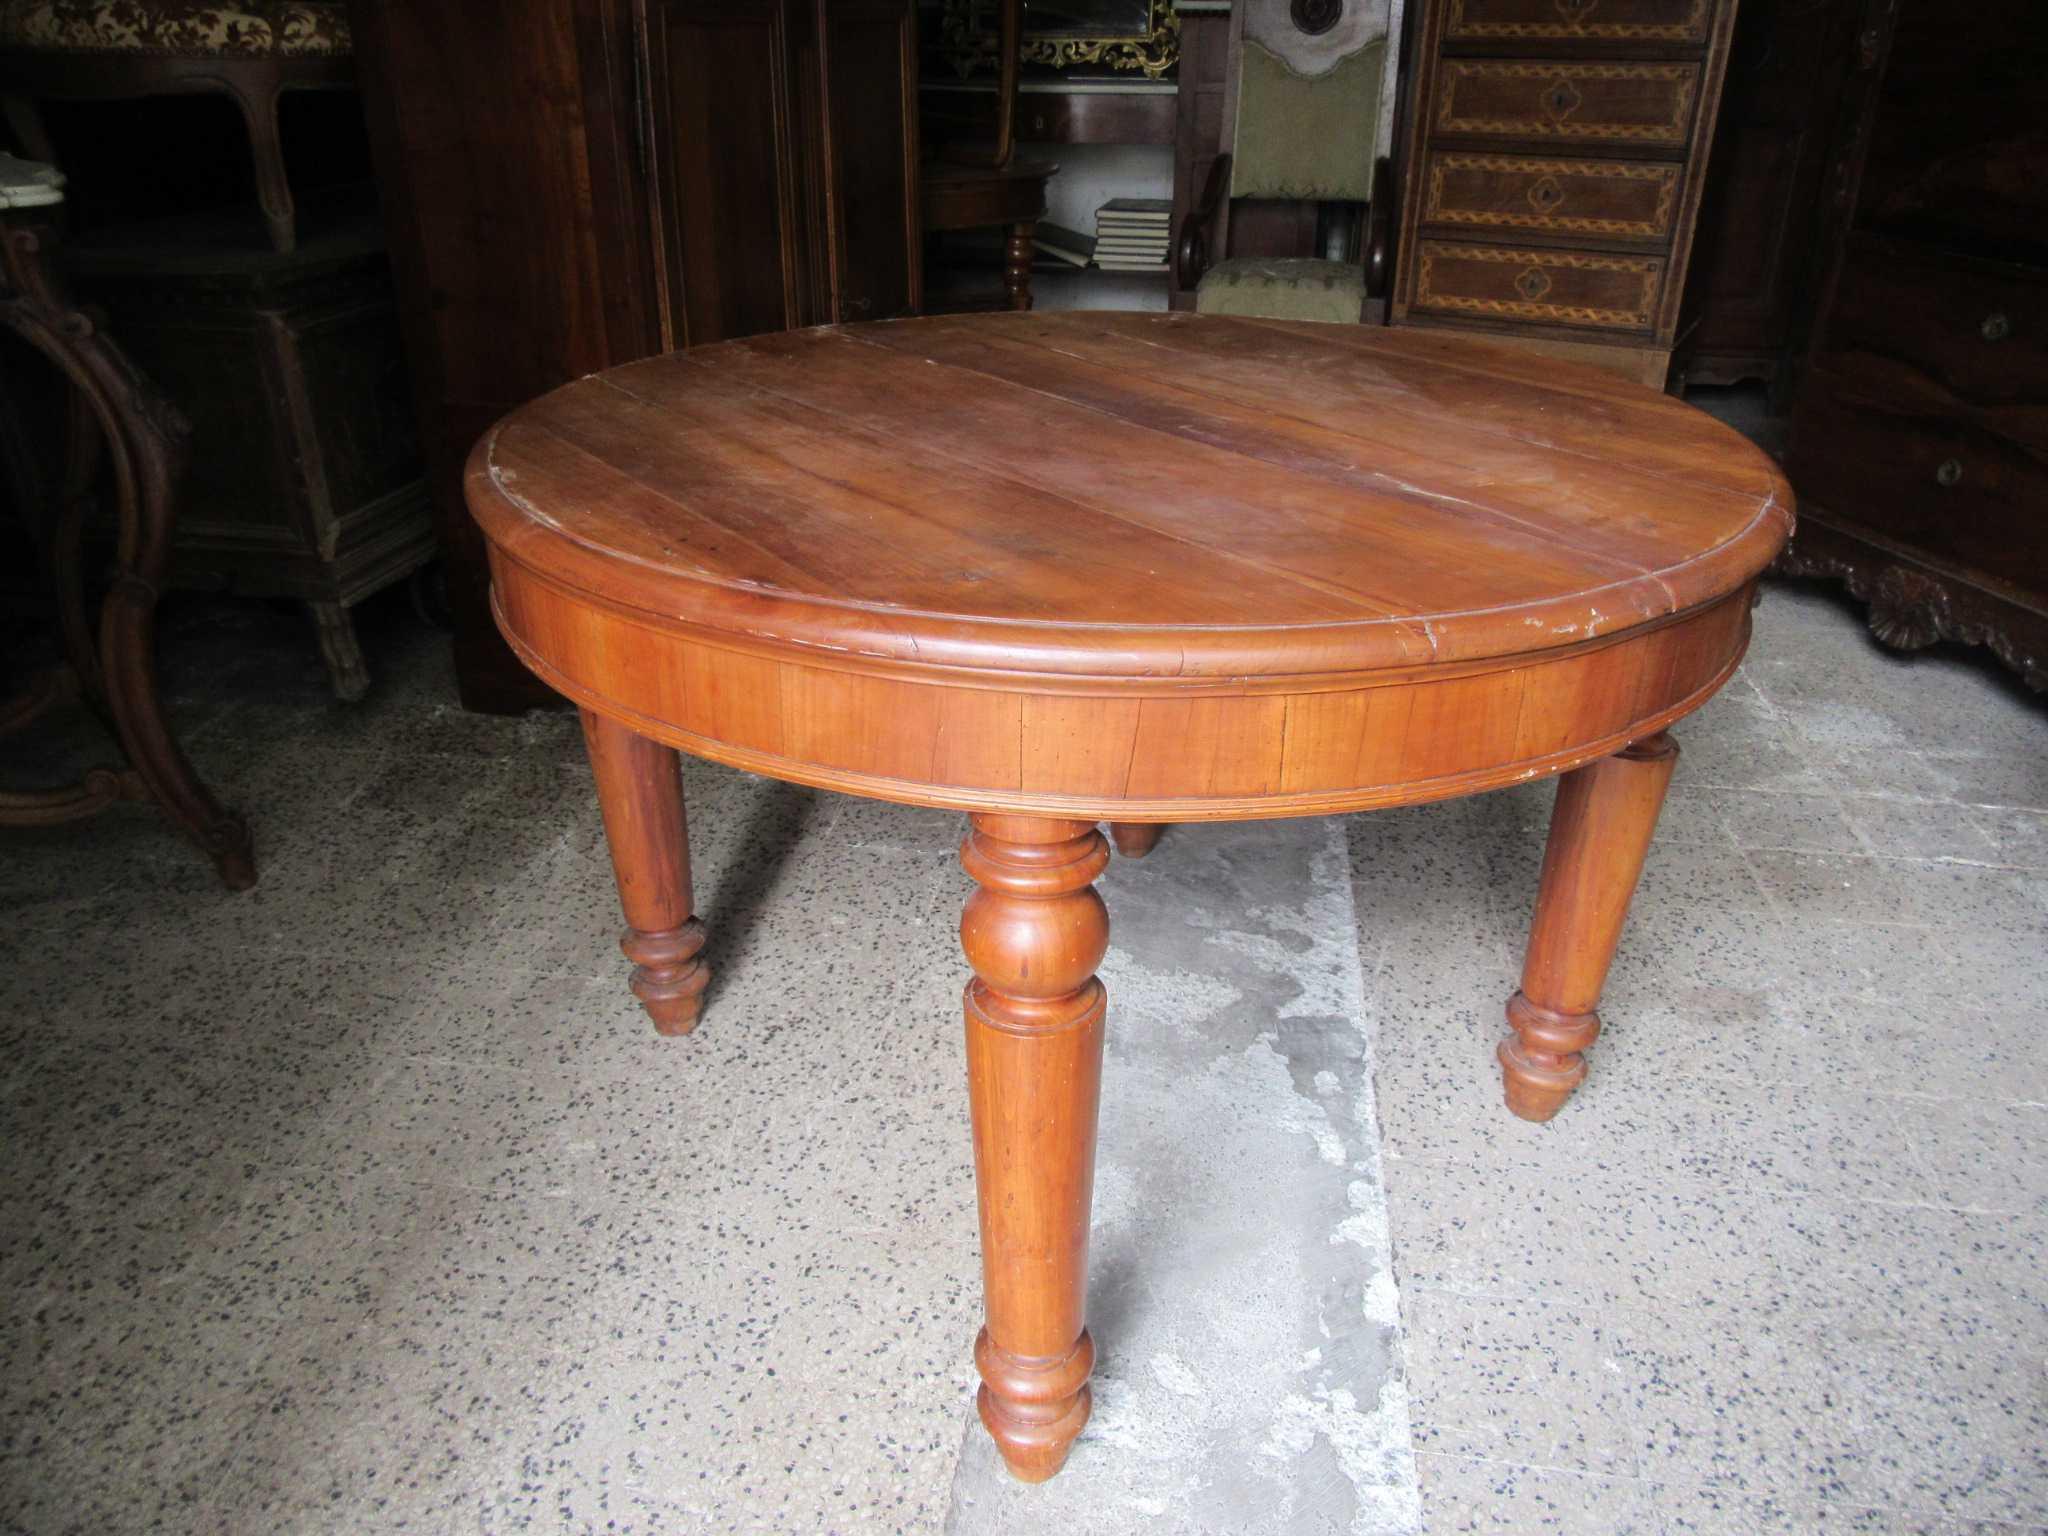 Tavoli arredamento mobili antiquariato musetti for Tavoli a bandelle moderni